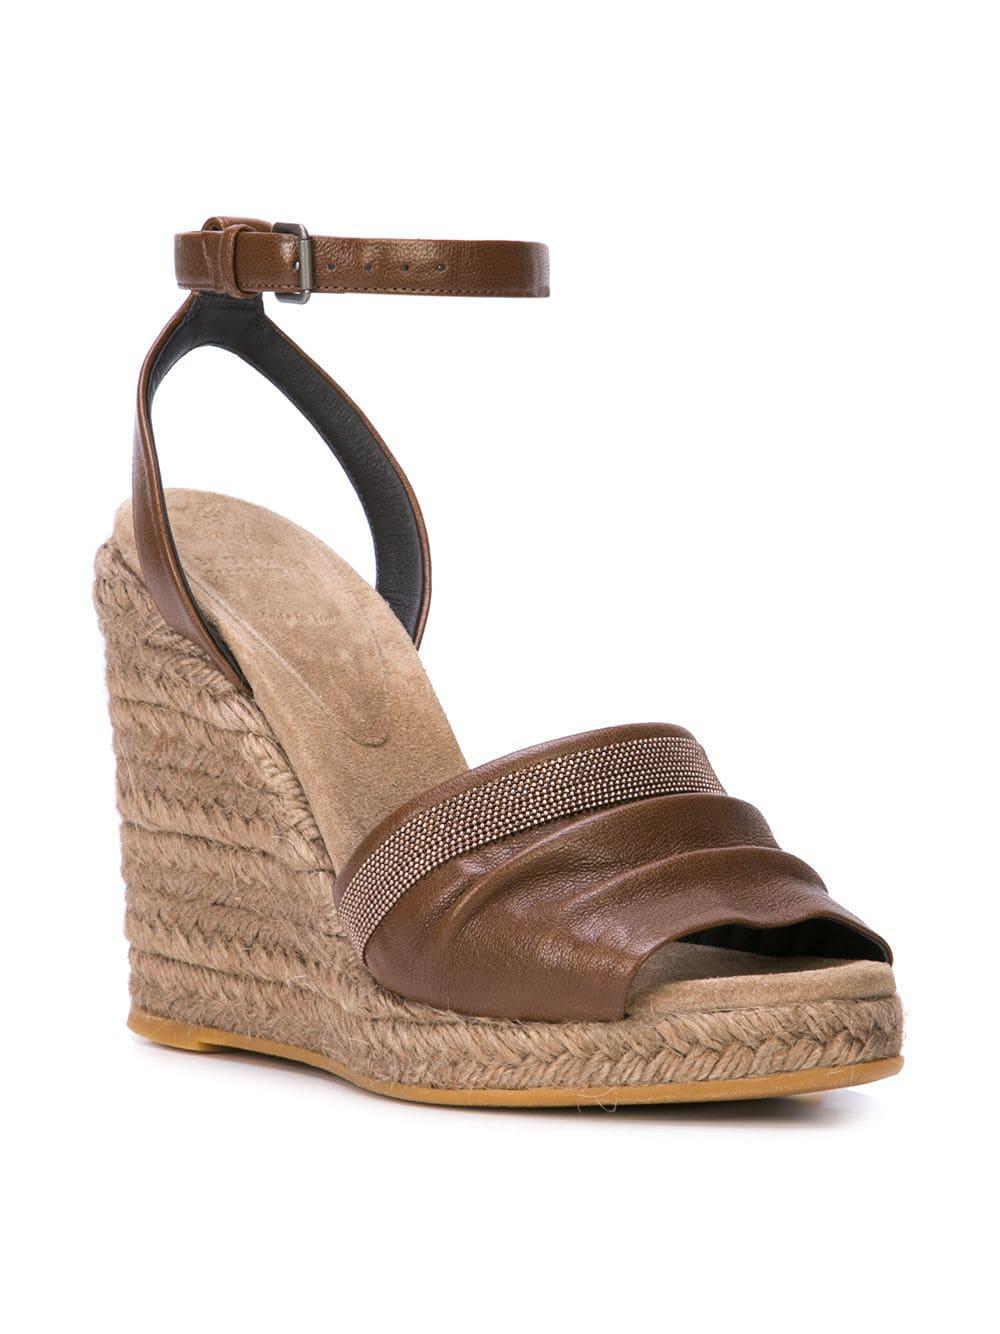 Wedge Brown Wedge Espadrille Women's Women's Espadrille Women's Sandals Sandals Brown dtshrCQ